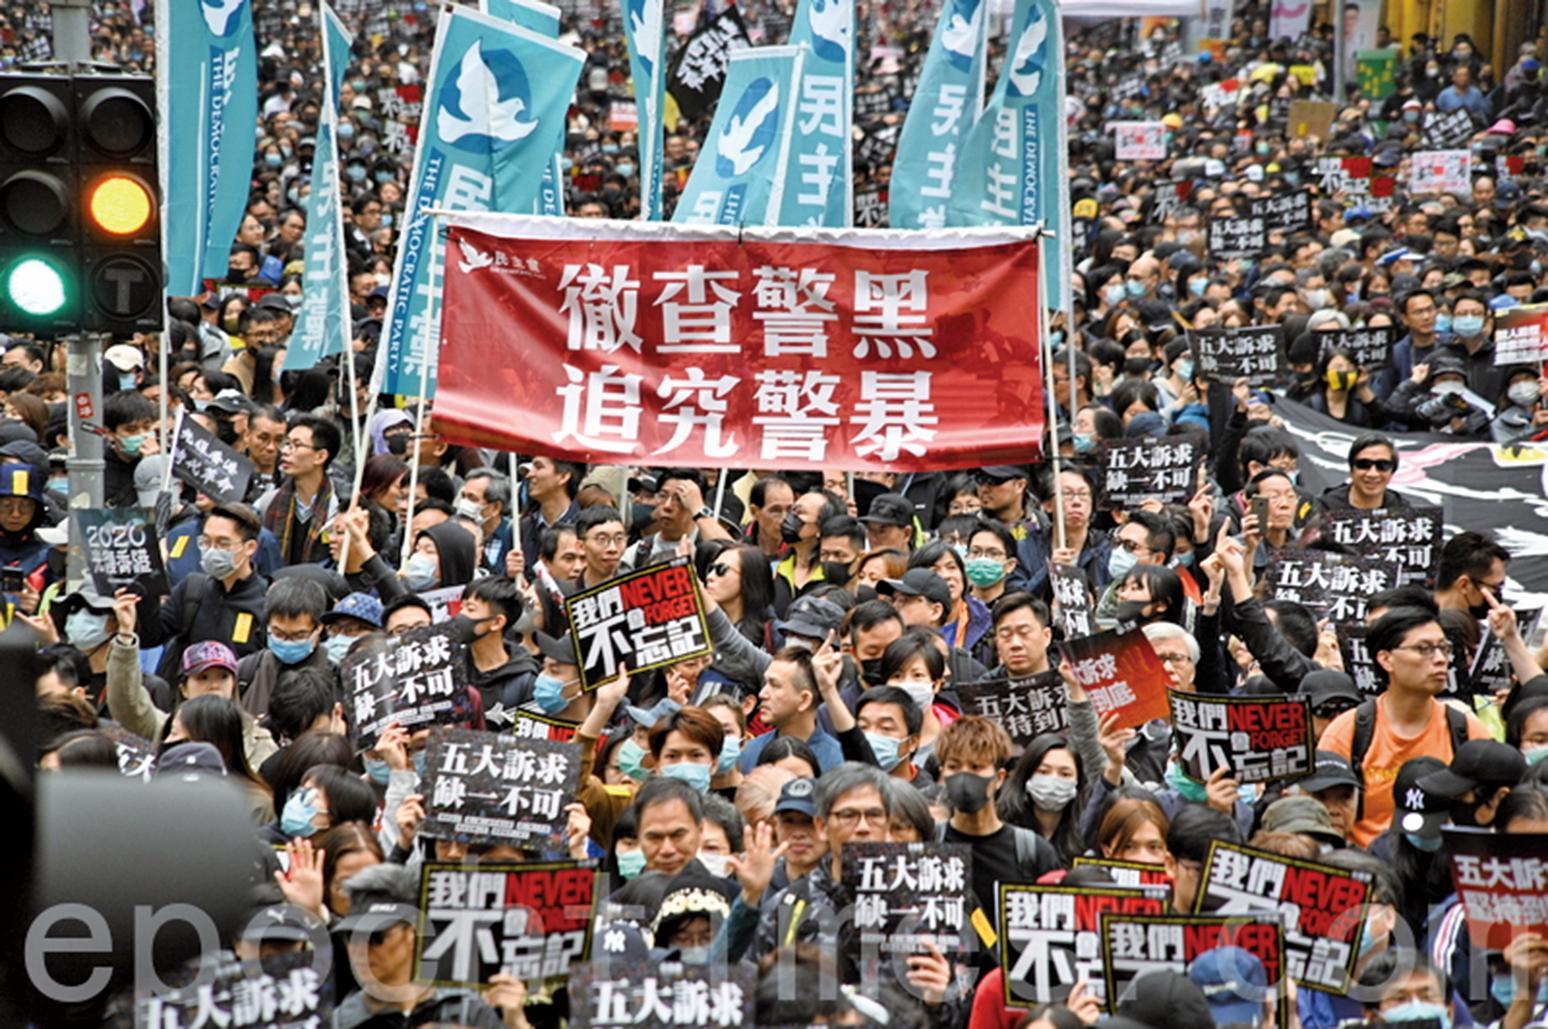 2020年1月1日,香港「元旦大遊行」中的「徹查警黑追究警暴」標語。(文瀚林/大紀元)